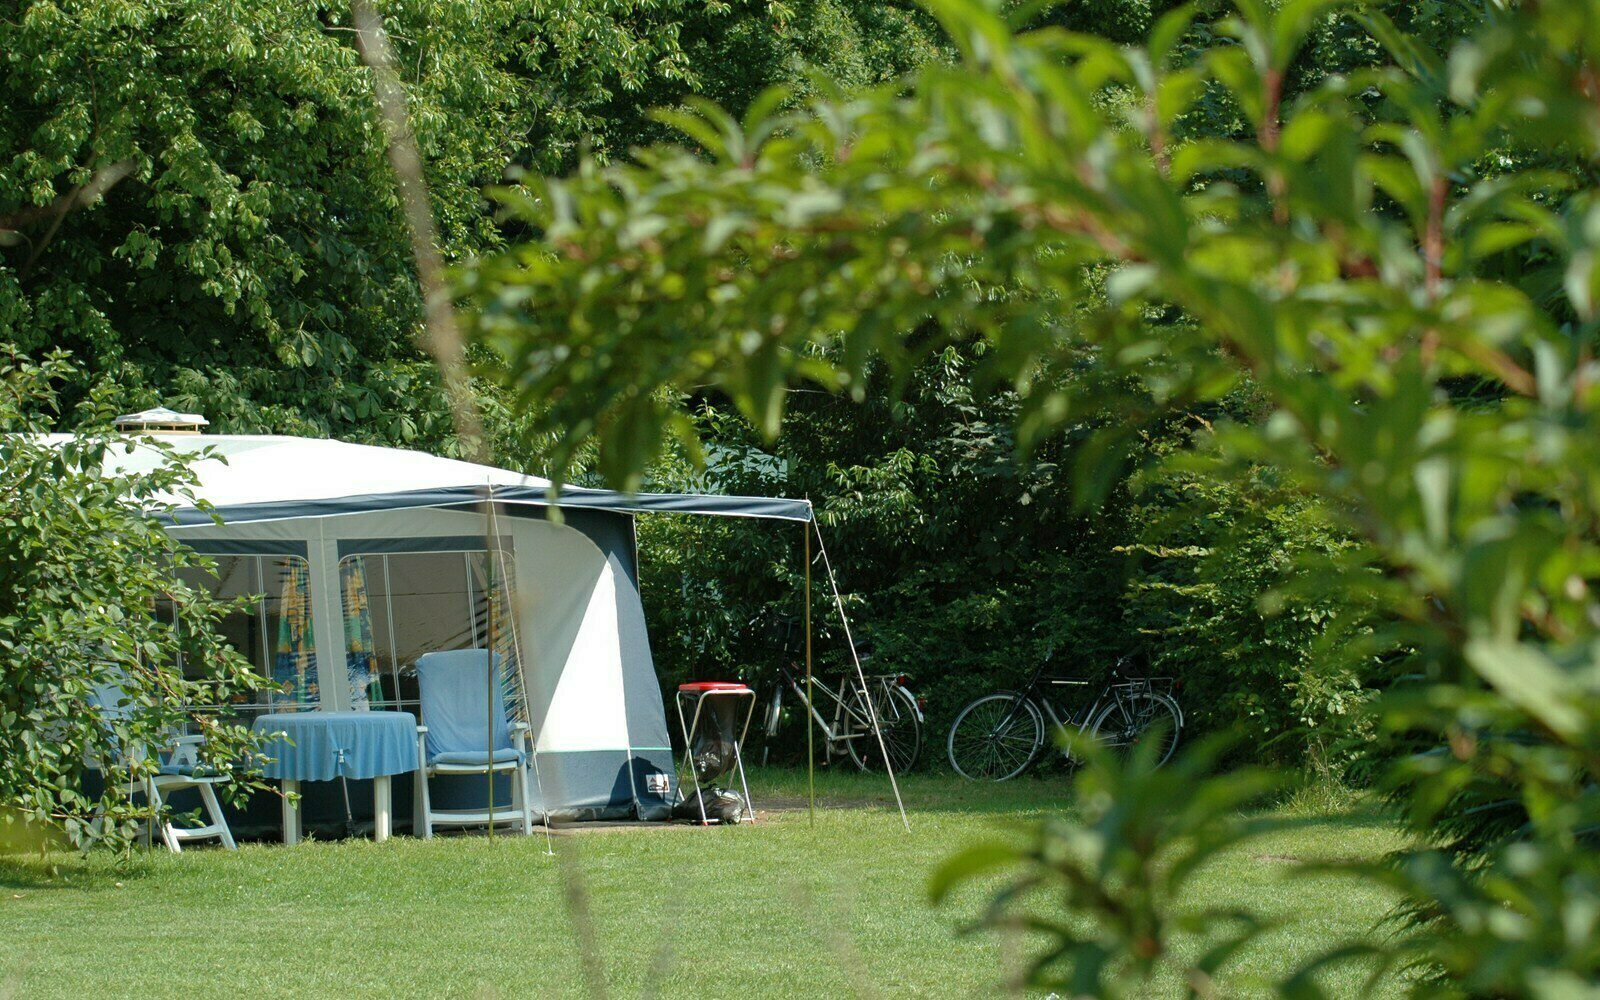 1 week kamperen tijdens de Reggestreek Fiets4daagse van 27 augustus tot 3 september 2022 incl. halfpension